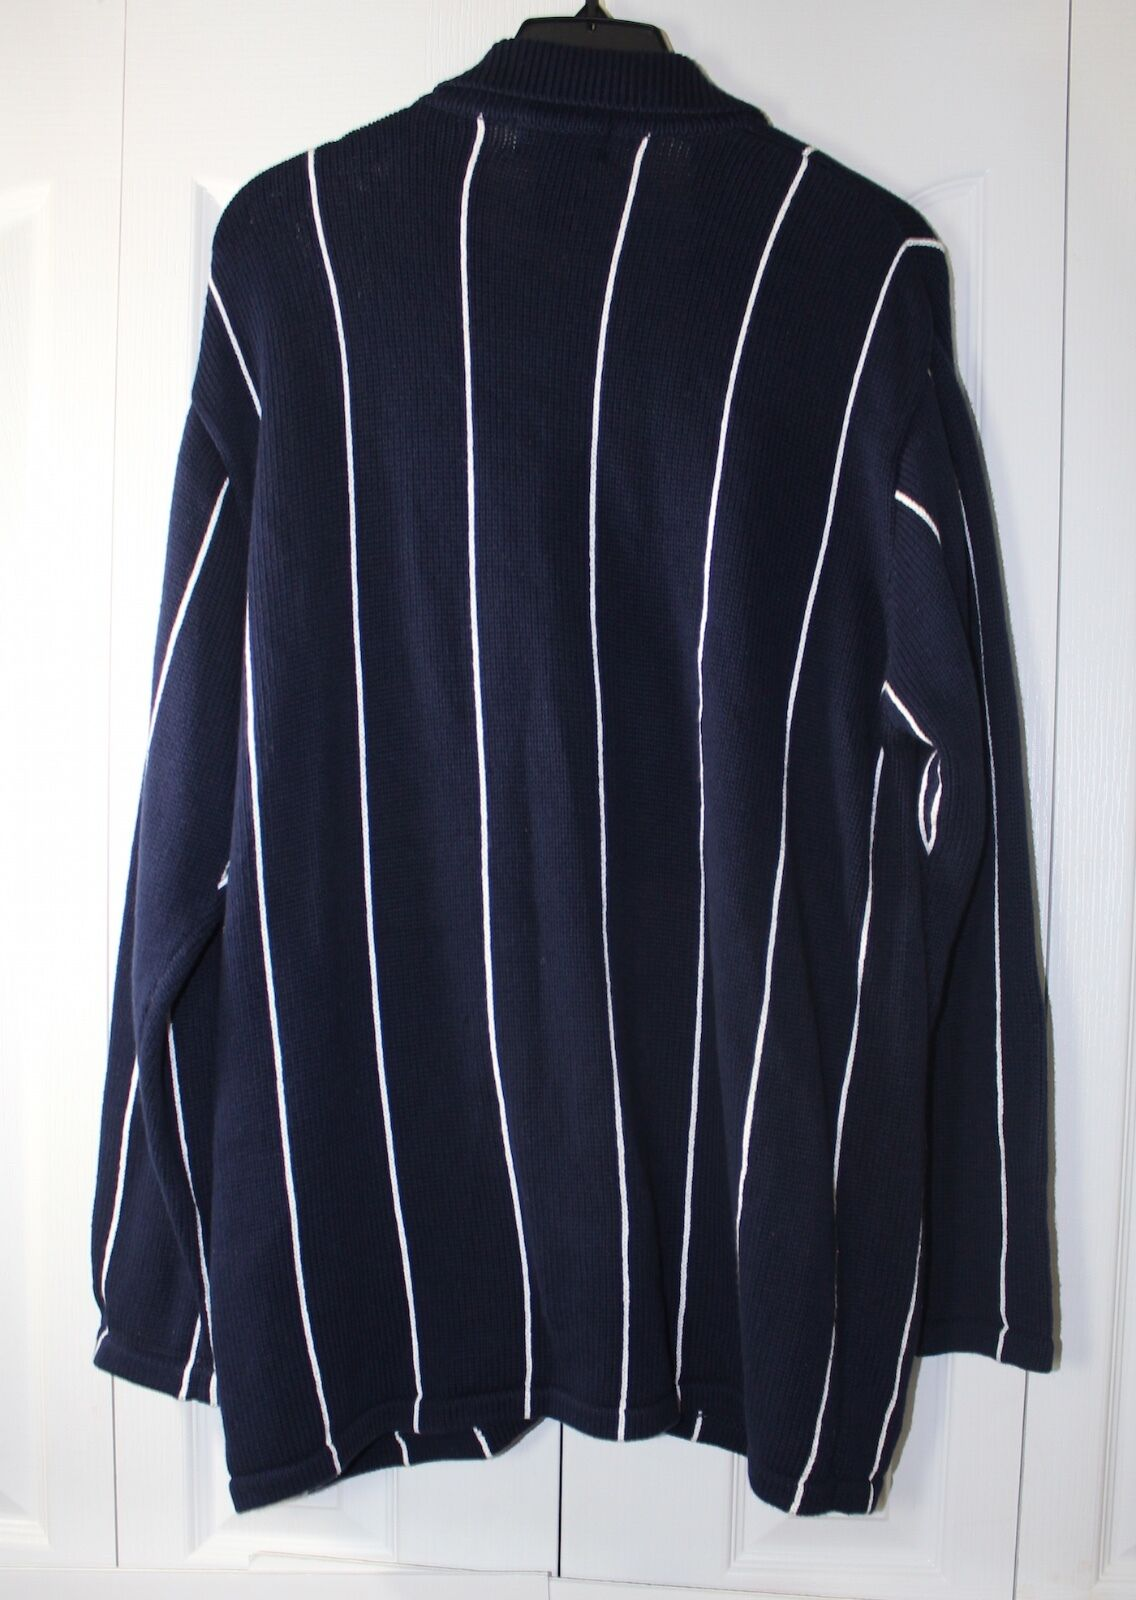 Lauren Ralph Lauren Women's Medium Button Down Sweater Sweater Sweater Country Club Navy NWT 90d439